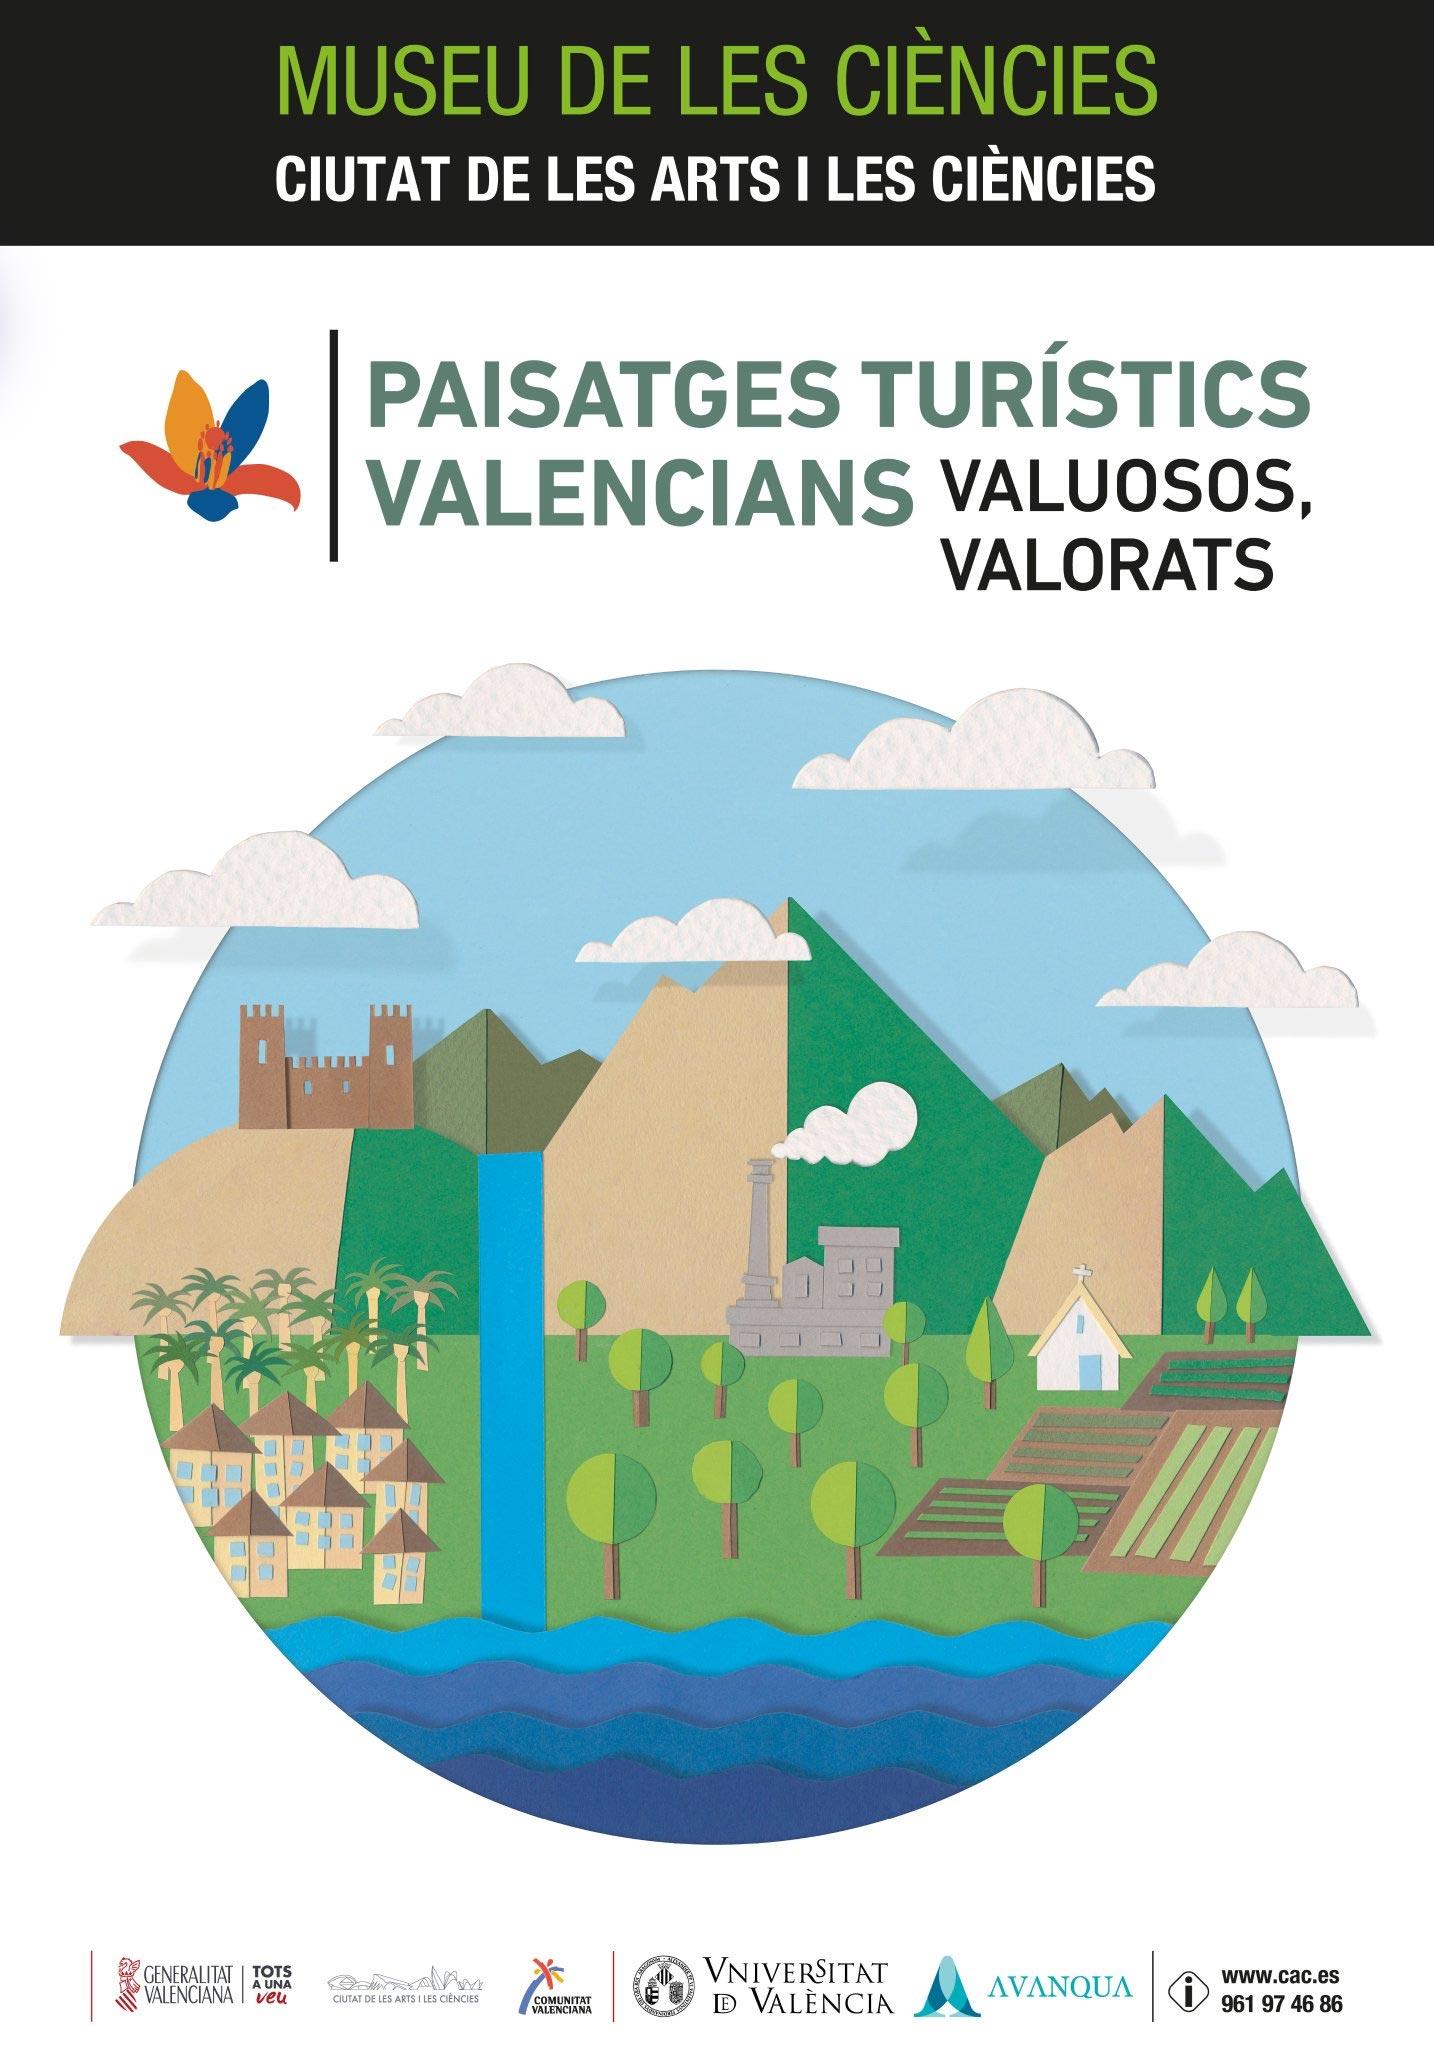 paisatges turistics valencians museu cienciies exposicio